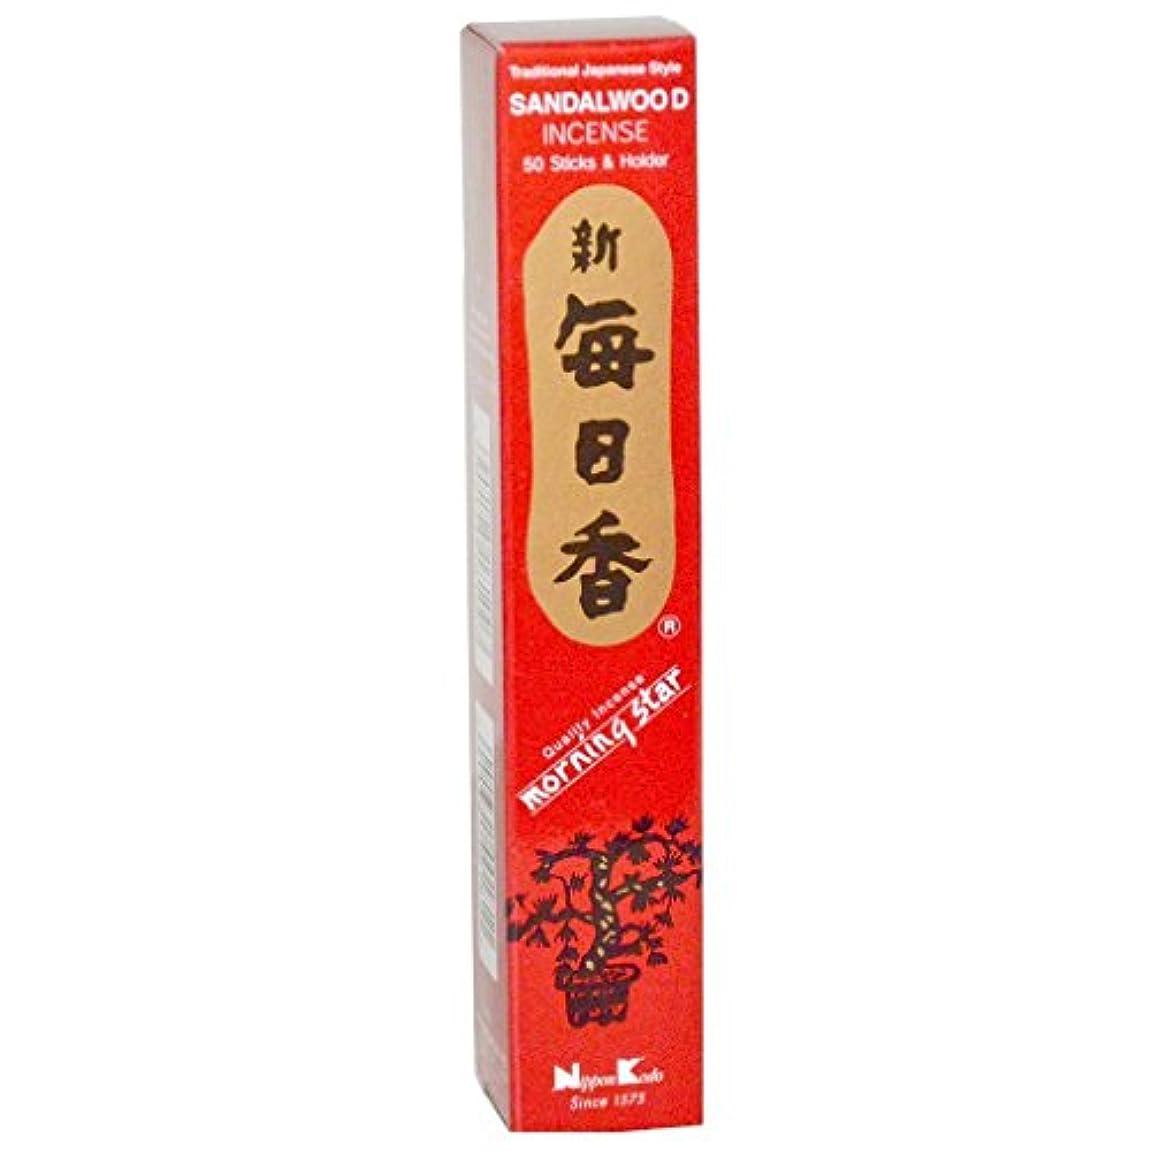 見える放つ干渉するSandalwood Morning Star Quality Japanese Incense by Nippon Kodo - 50 Sticks + Holder